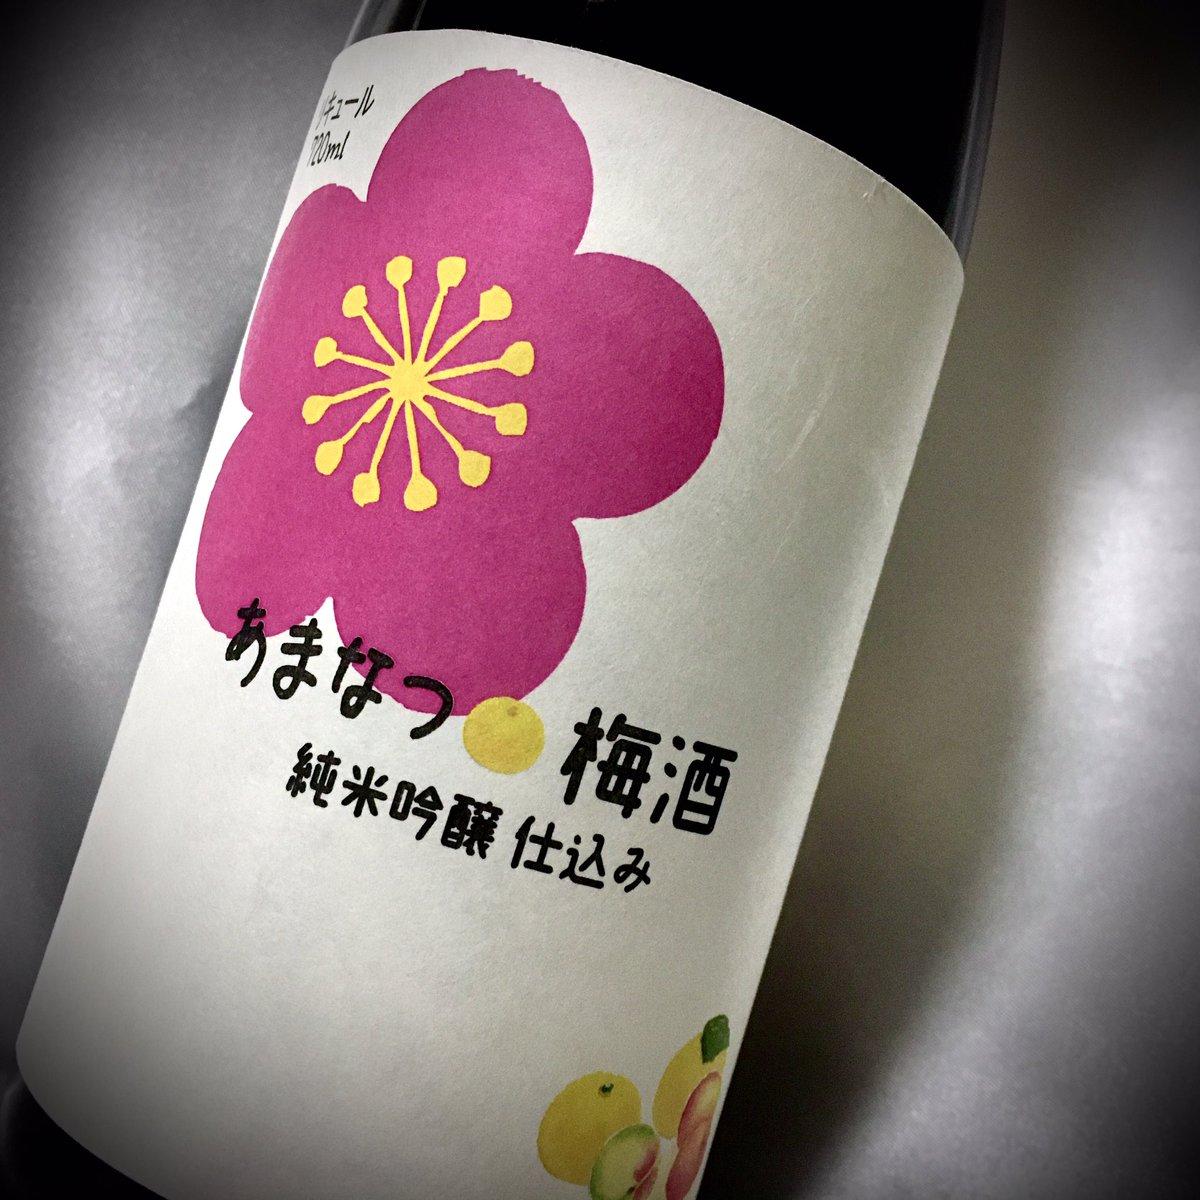 test ツイッターメディア - 松本市 笹井酒造さん 笹の誉 あま夏梅酒 純米吟醸仕込み  梅酒と甘夏の甘酸のバランスが絶妙。 あまり飲まないうちの奥さんでも、 2本目の購入。  ロックで頂くと、 この熱い季節にはまた格別な旨さに。 https://t.co/fIWZ4DXrK0